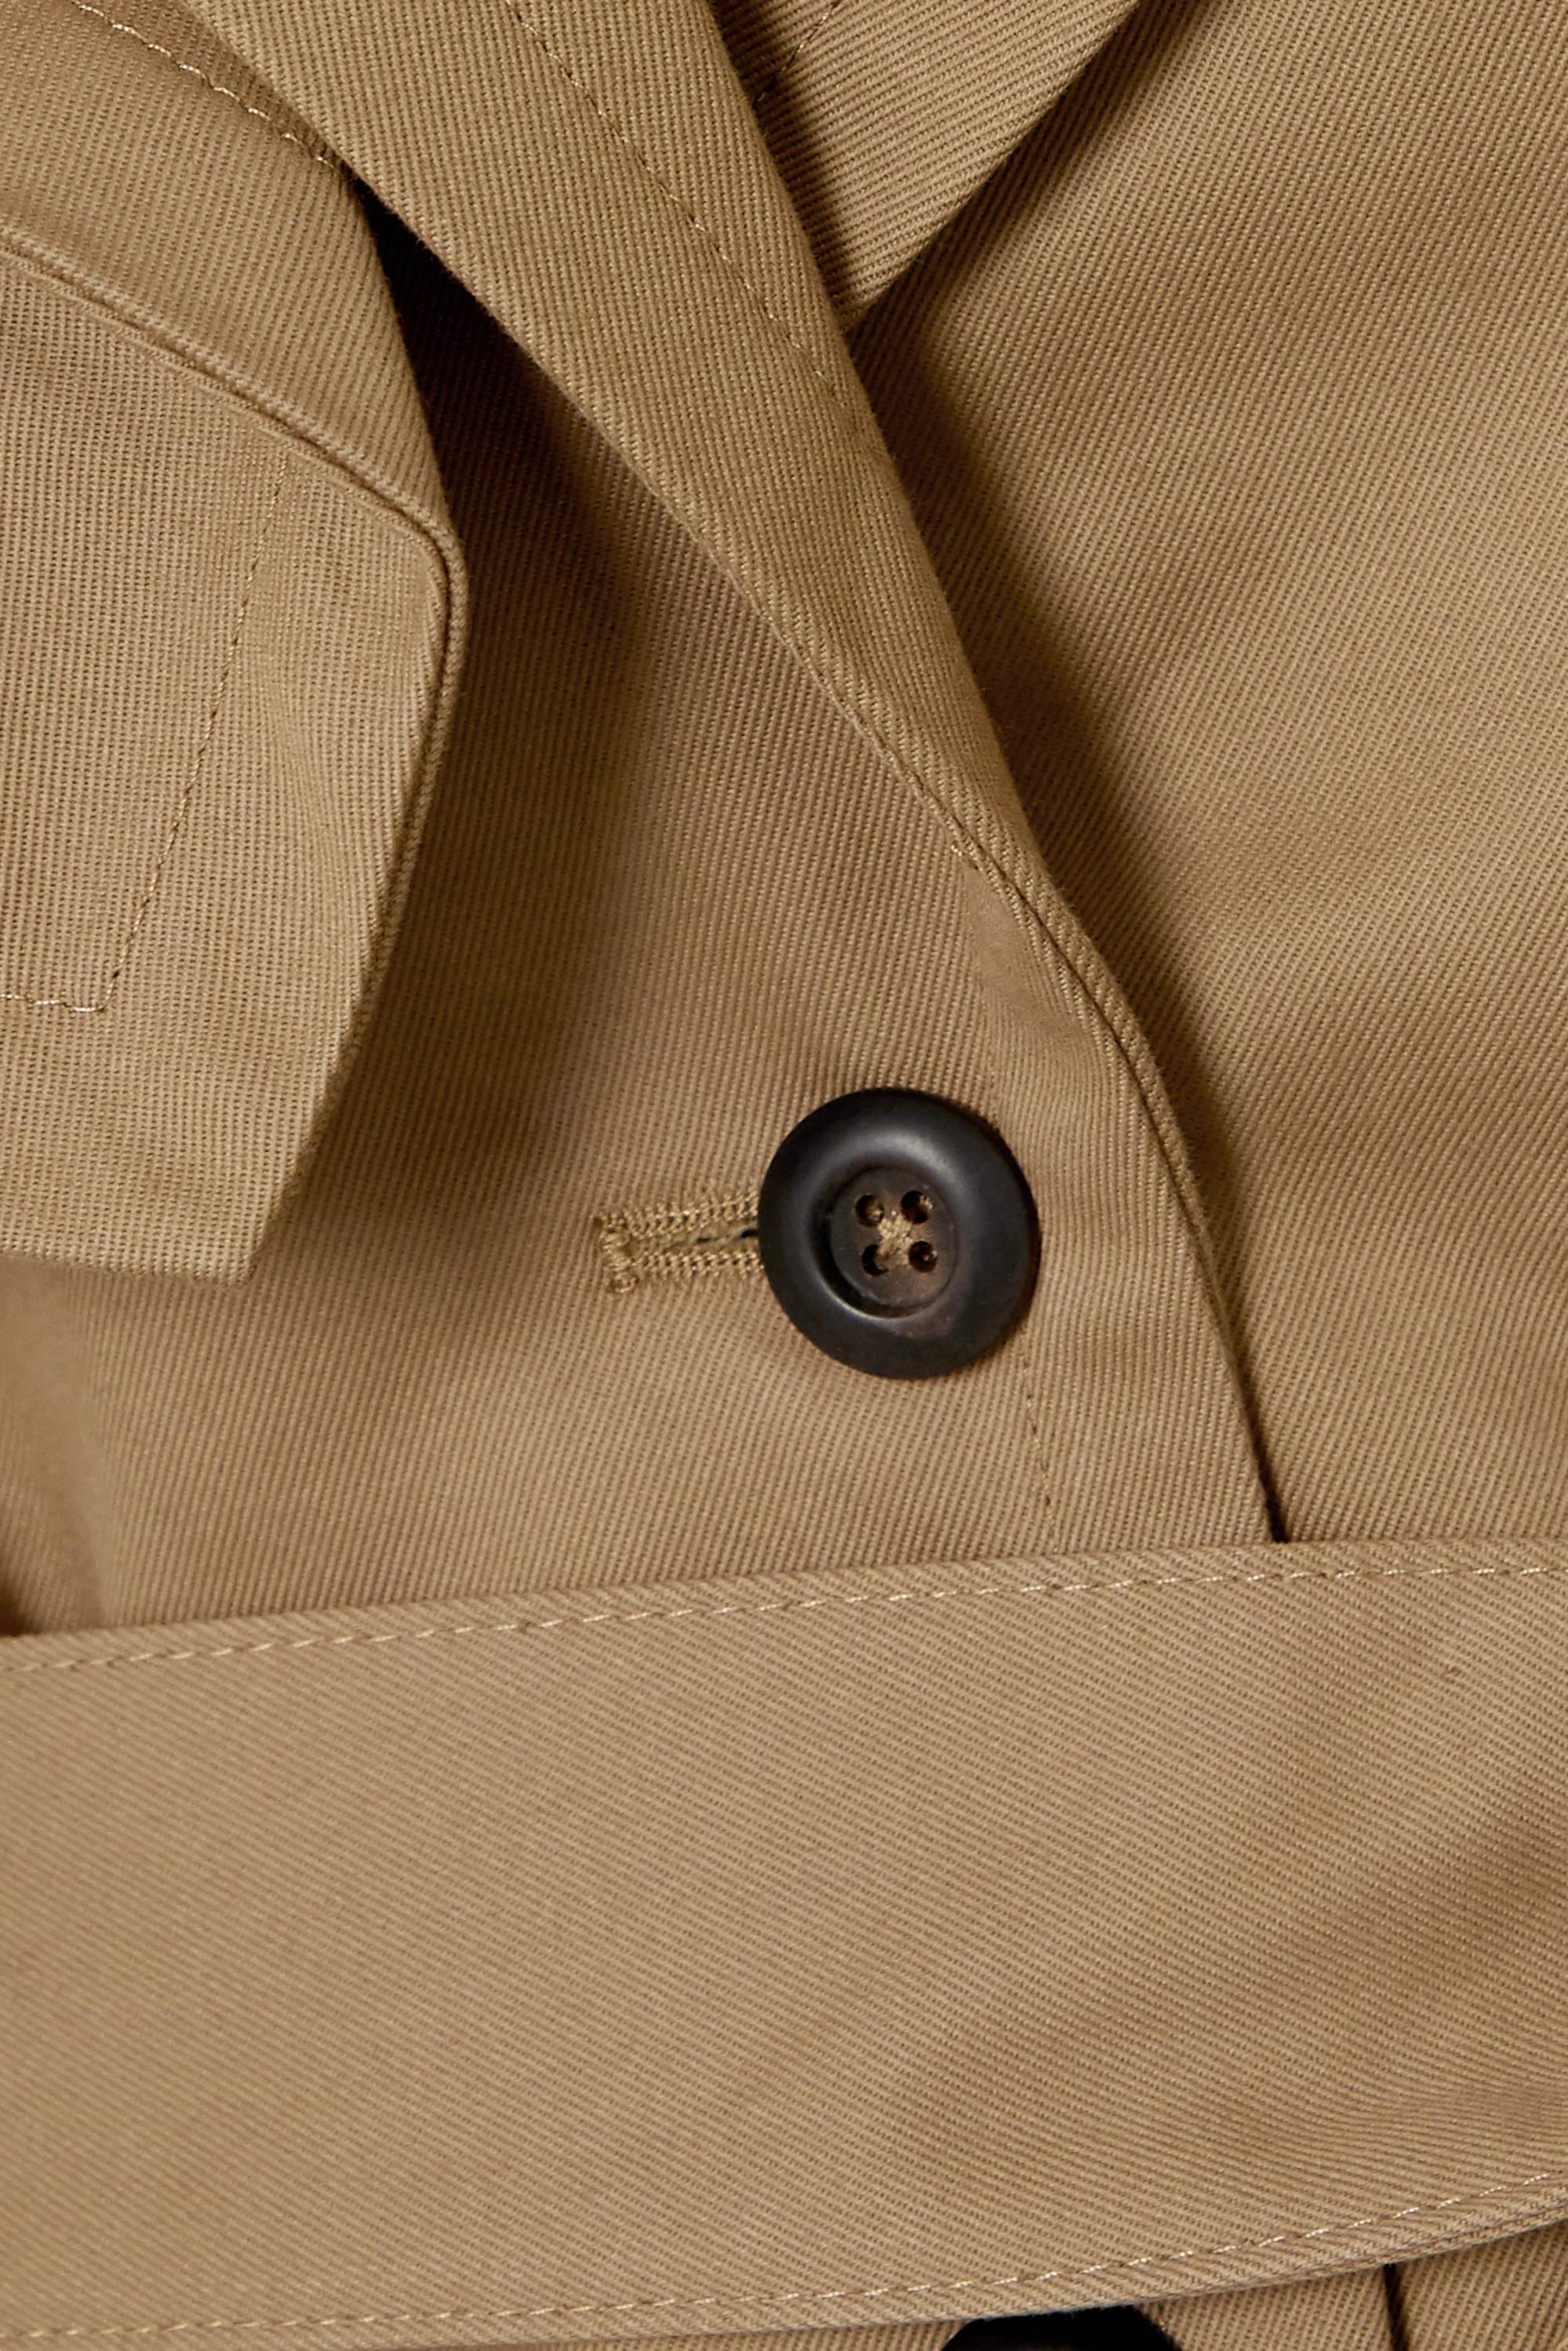 palmer//harding Cebus wandelbarer Trenchcoat aus Baumwolldrillich